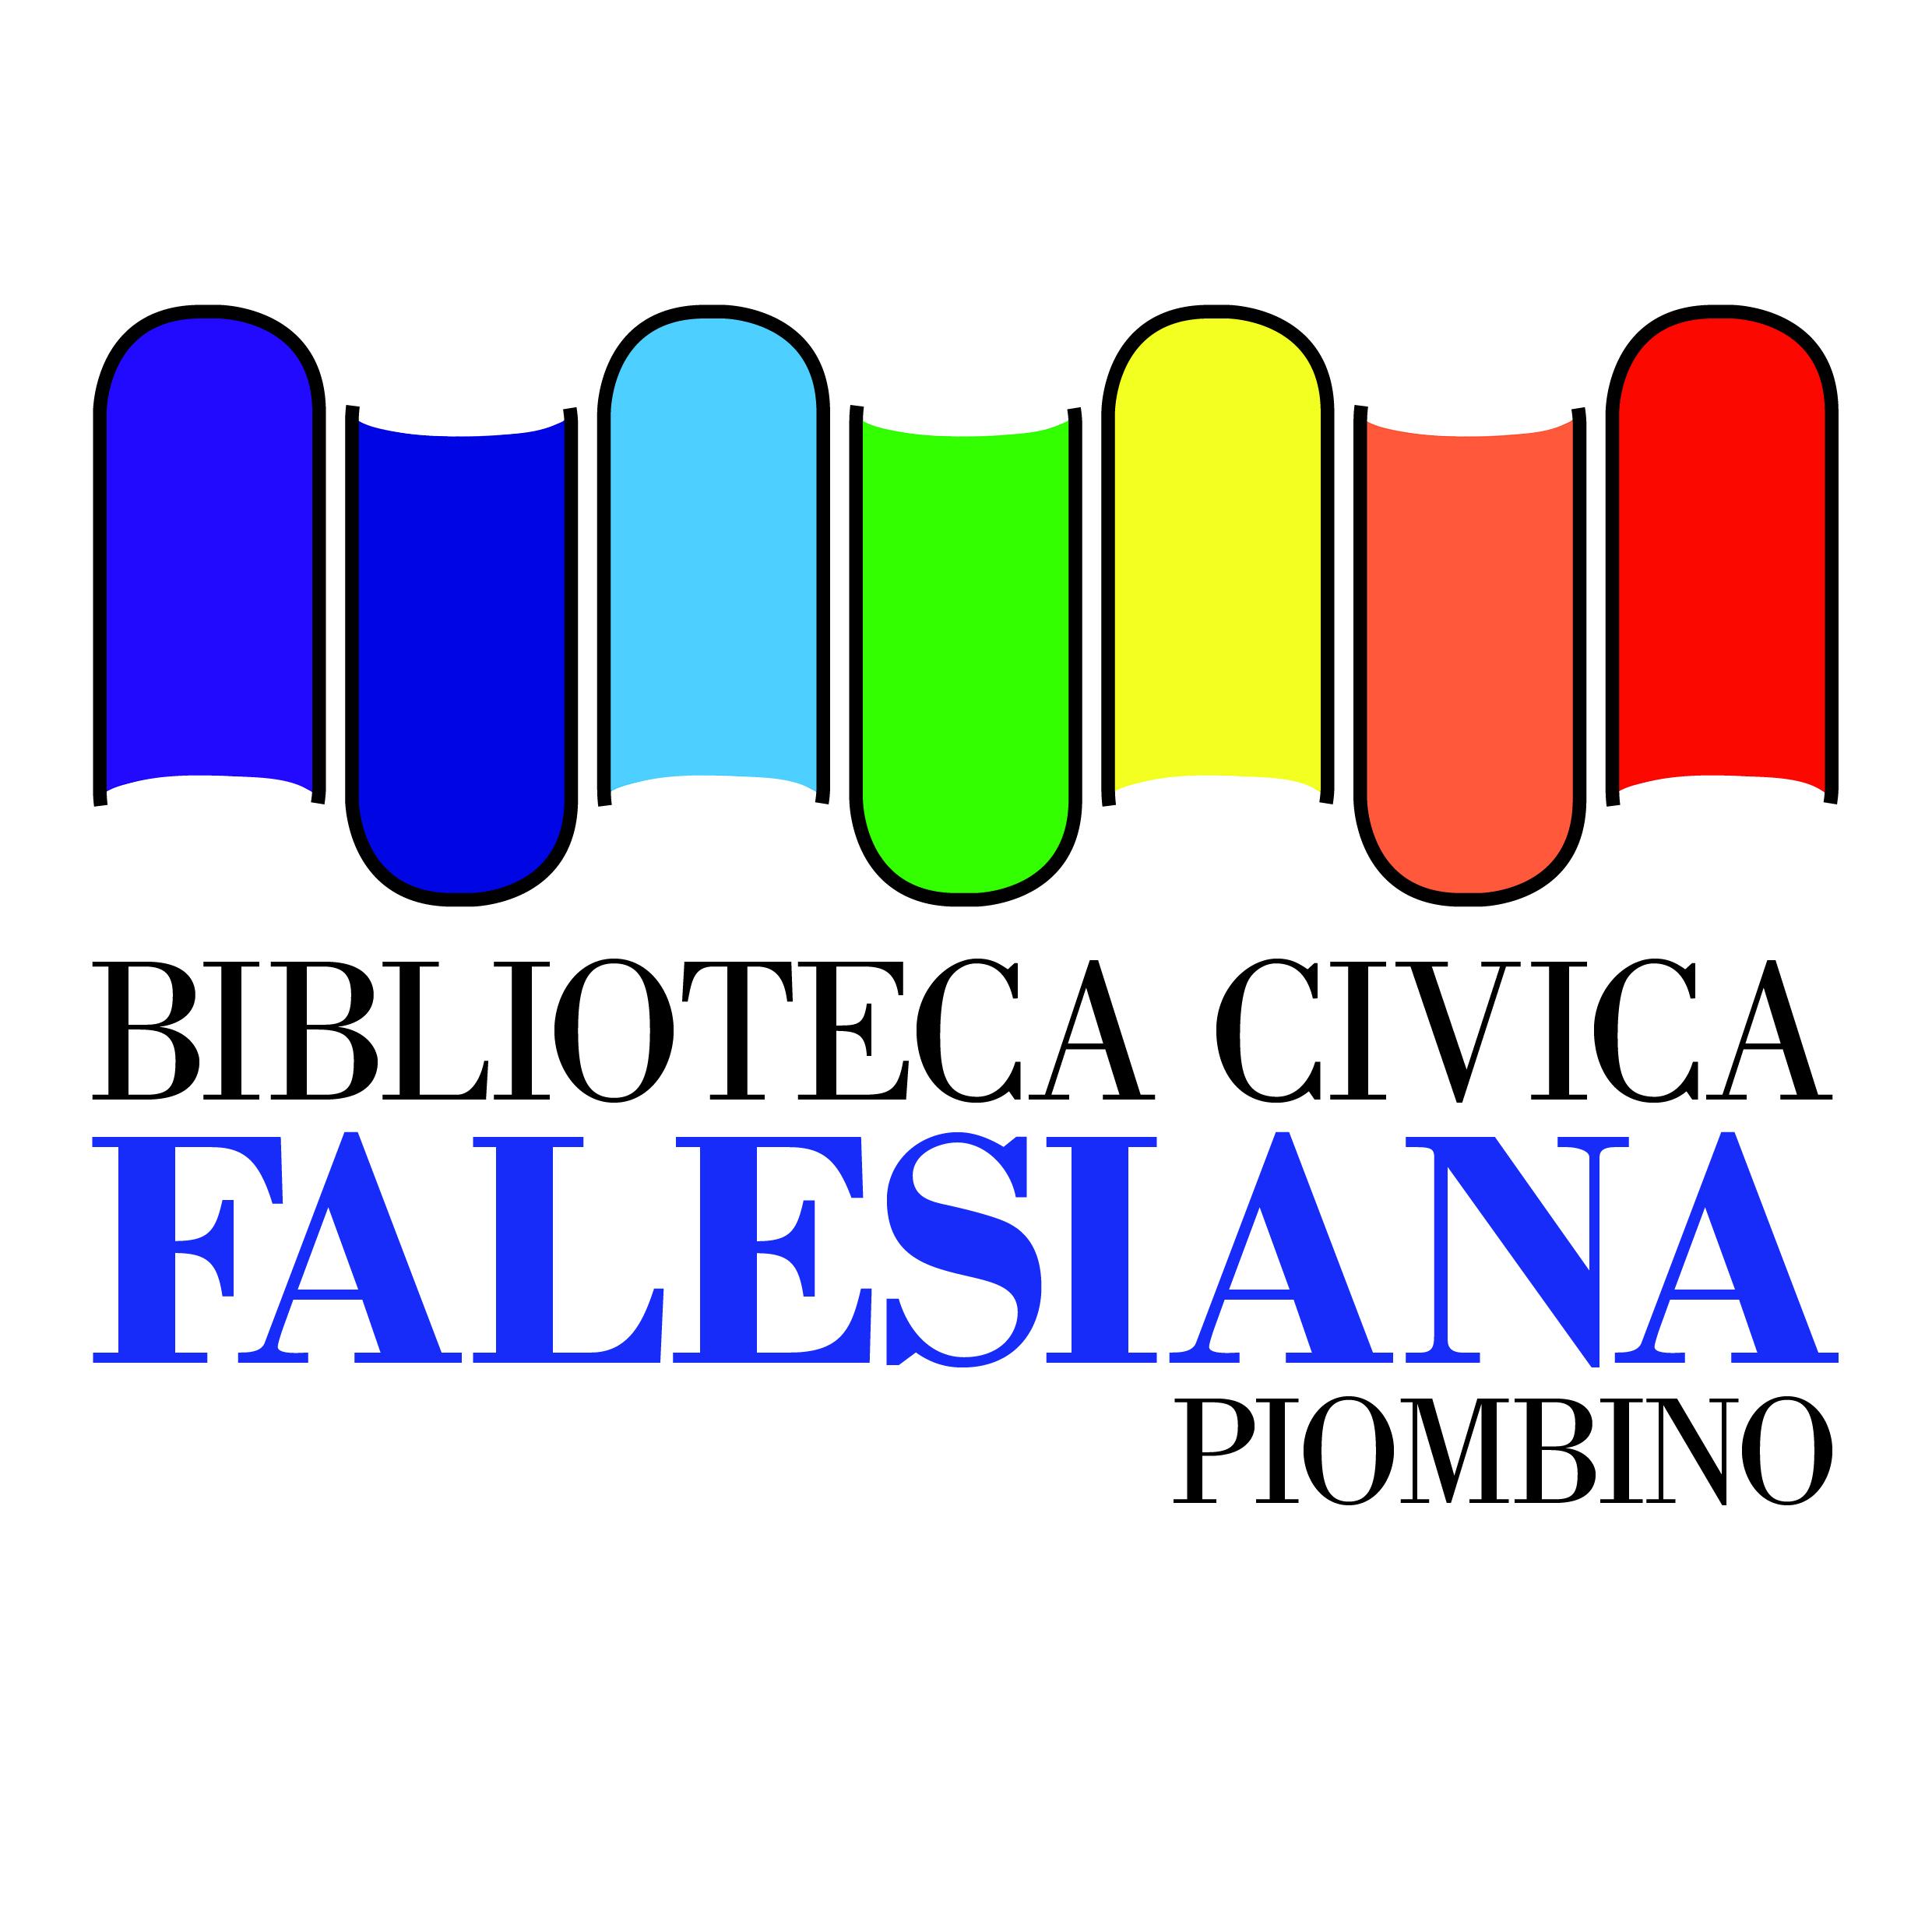 Biblioteca Civica Falesiana: leggere al tempo del Covid-19 si può